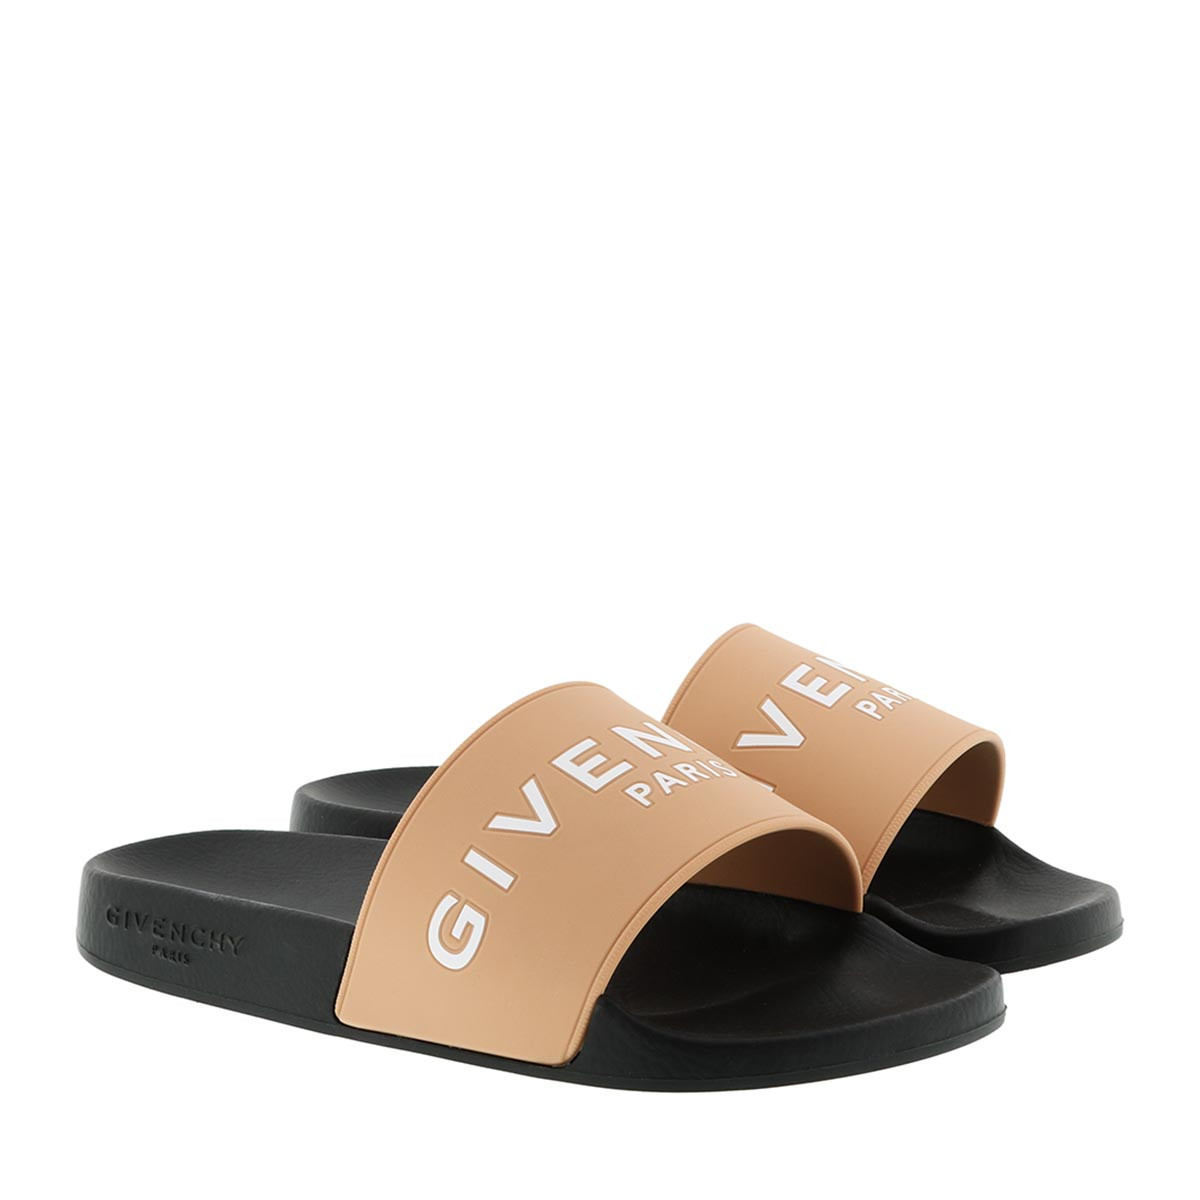 Givenchy Schuhe - Rubber Slides Sandals Nude - in beige - für Damen